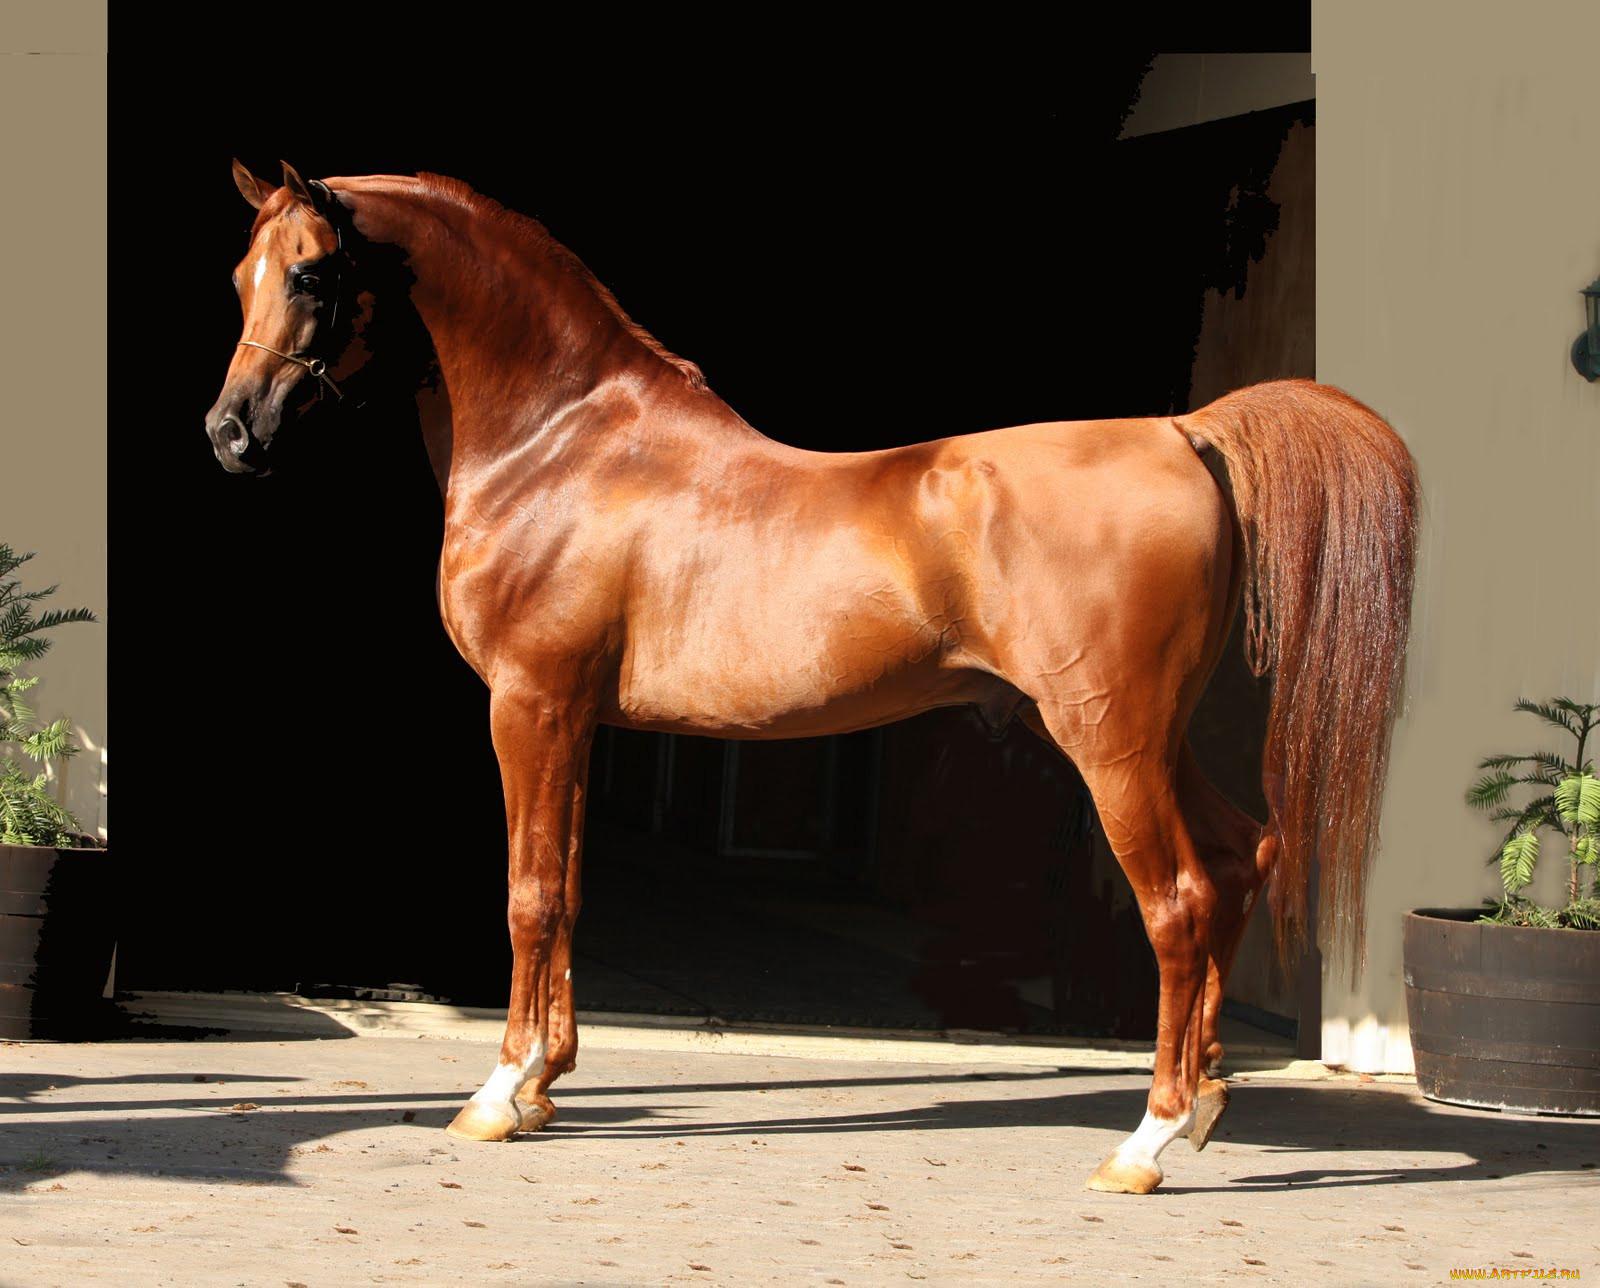 Картинки с красивыми элитными лошадями